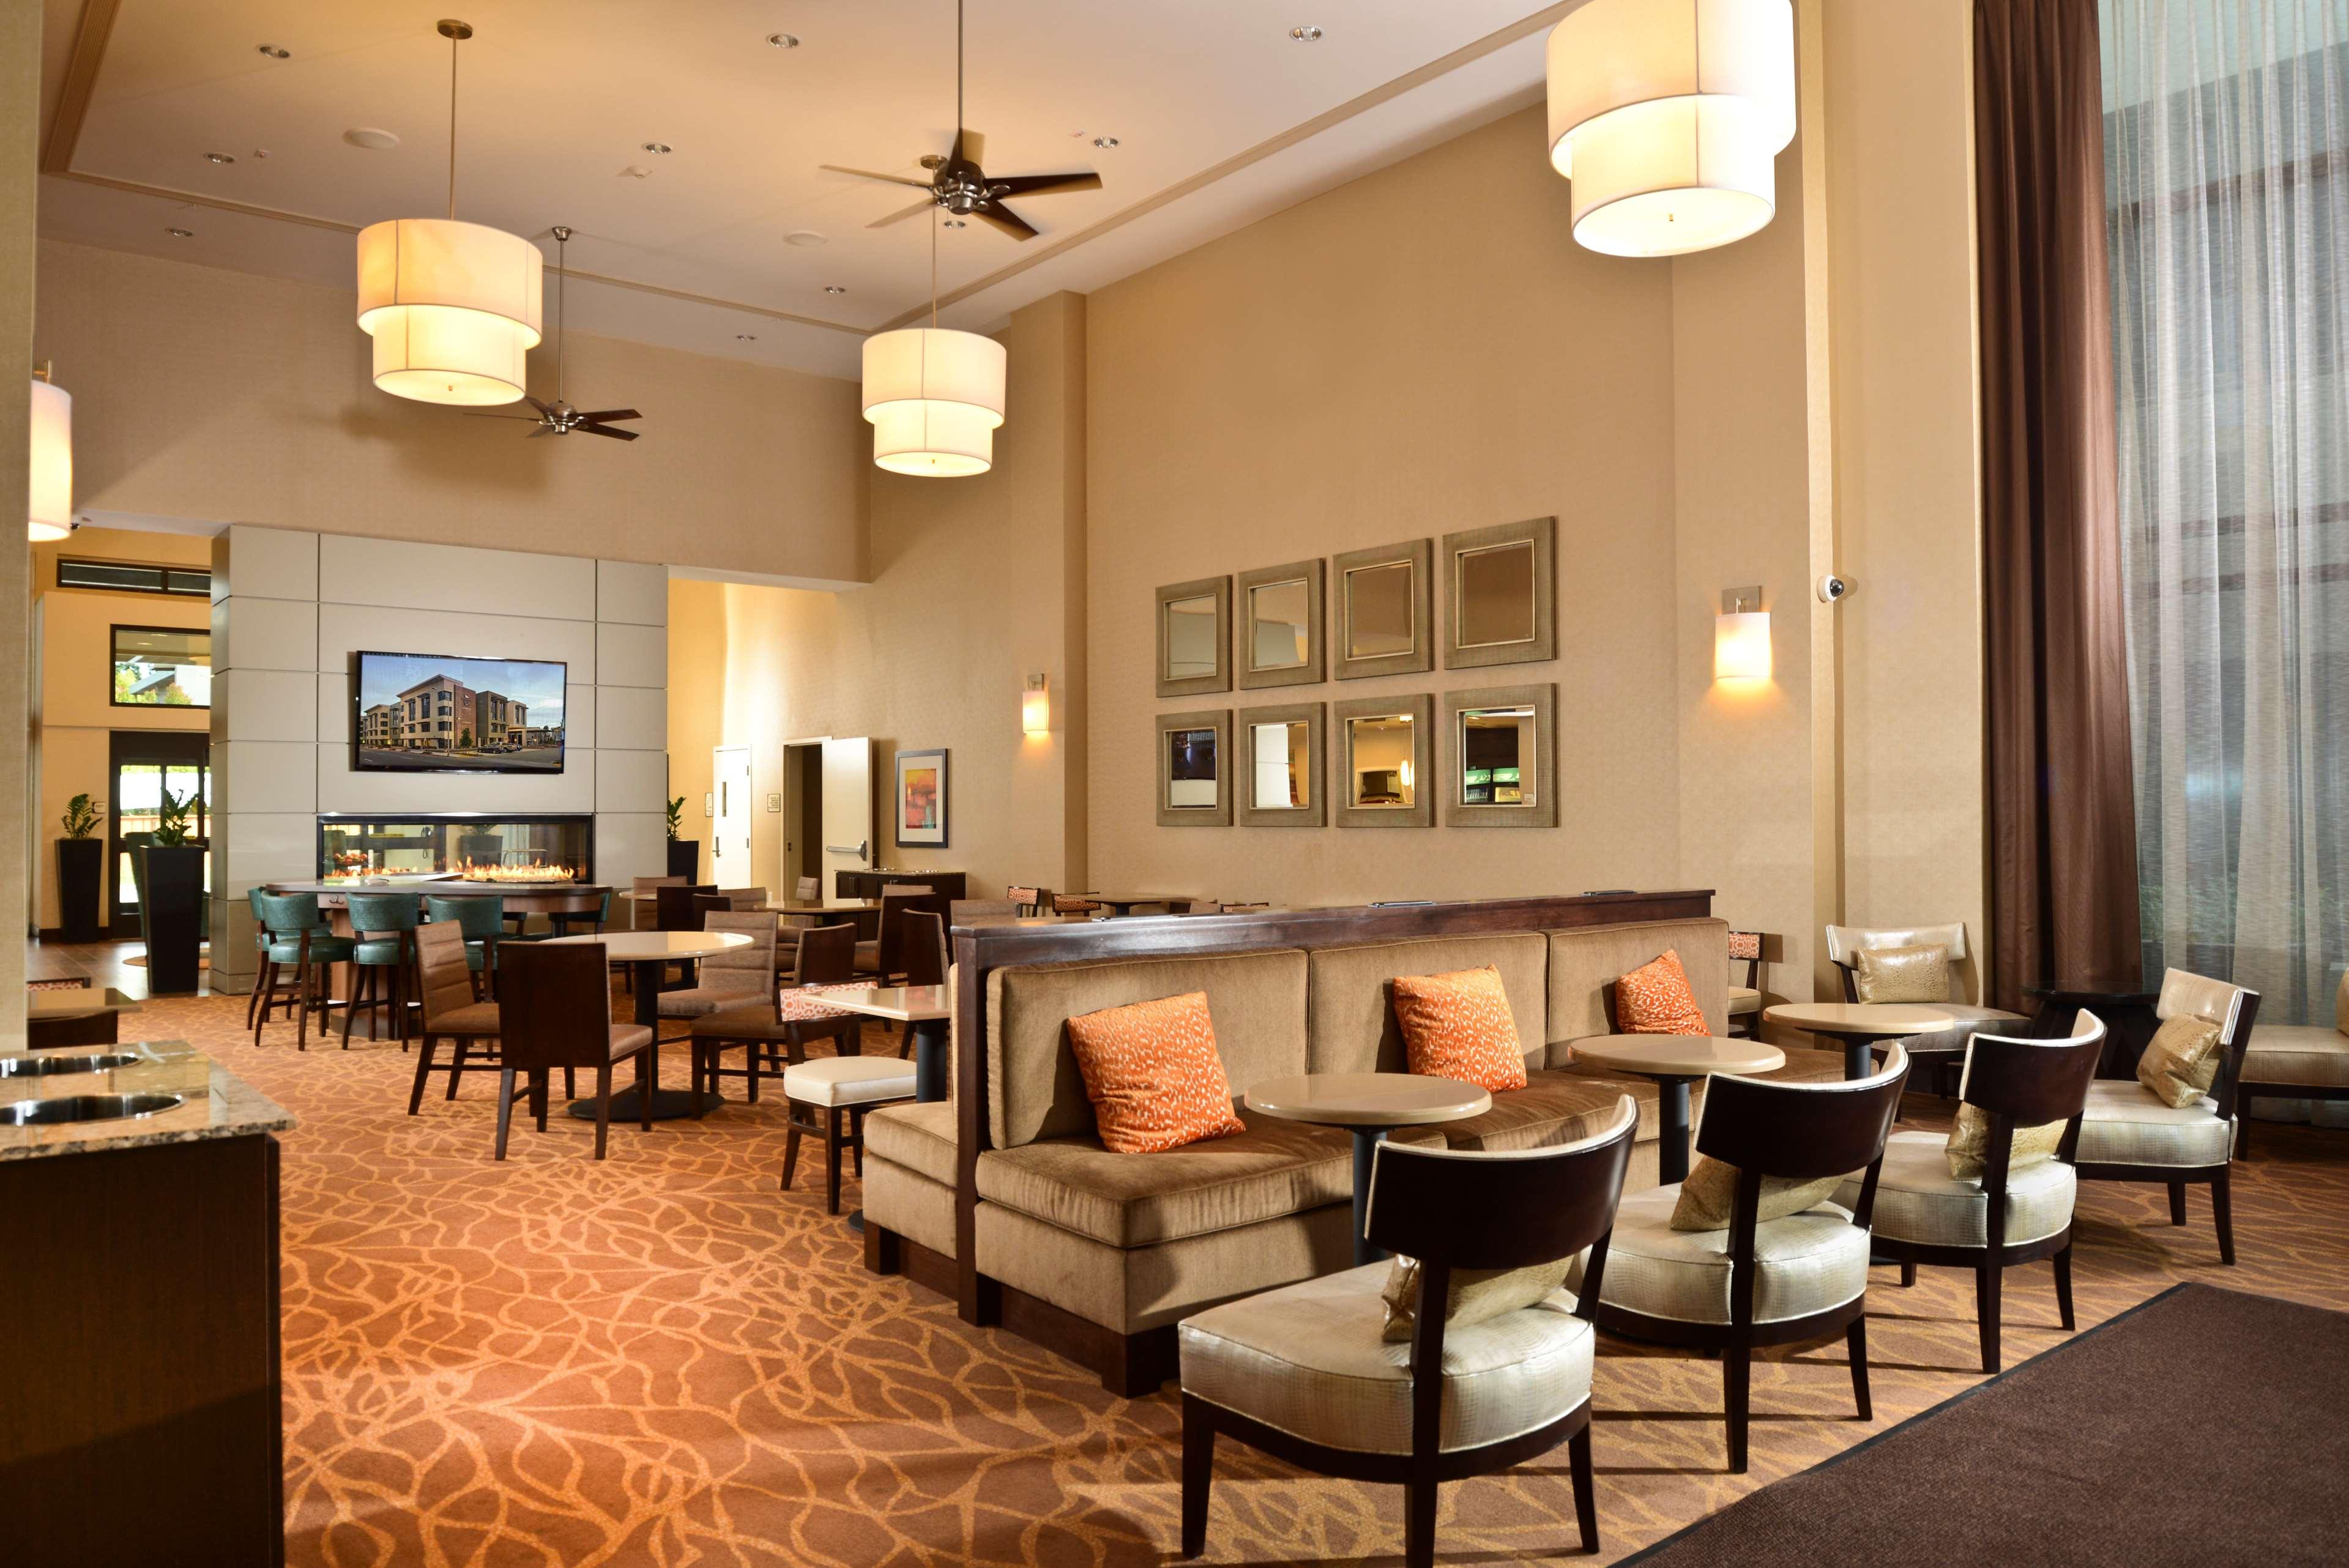 Homewood Suites by Hilton Palo Alto image 7